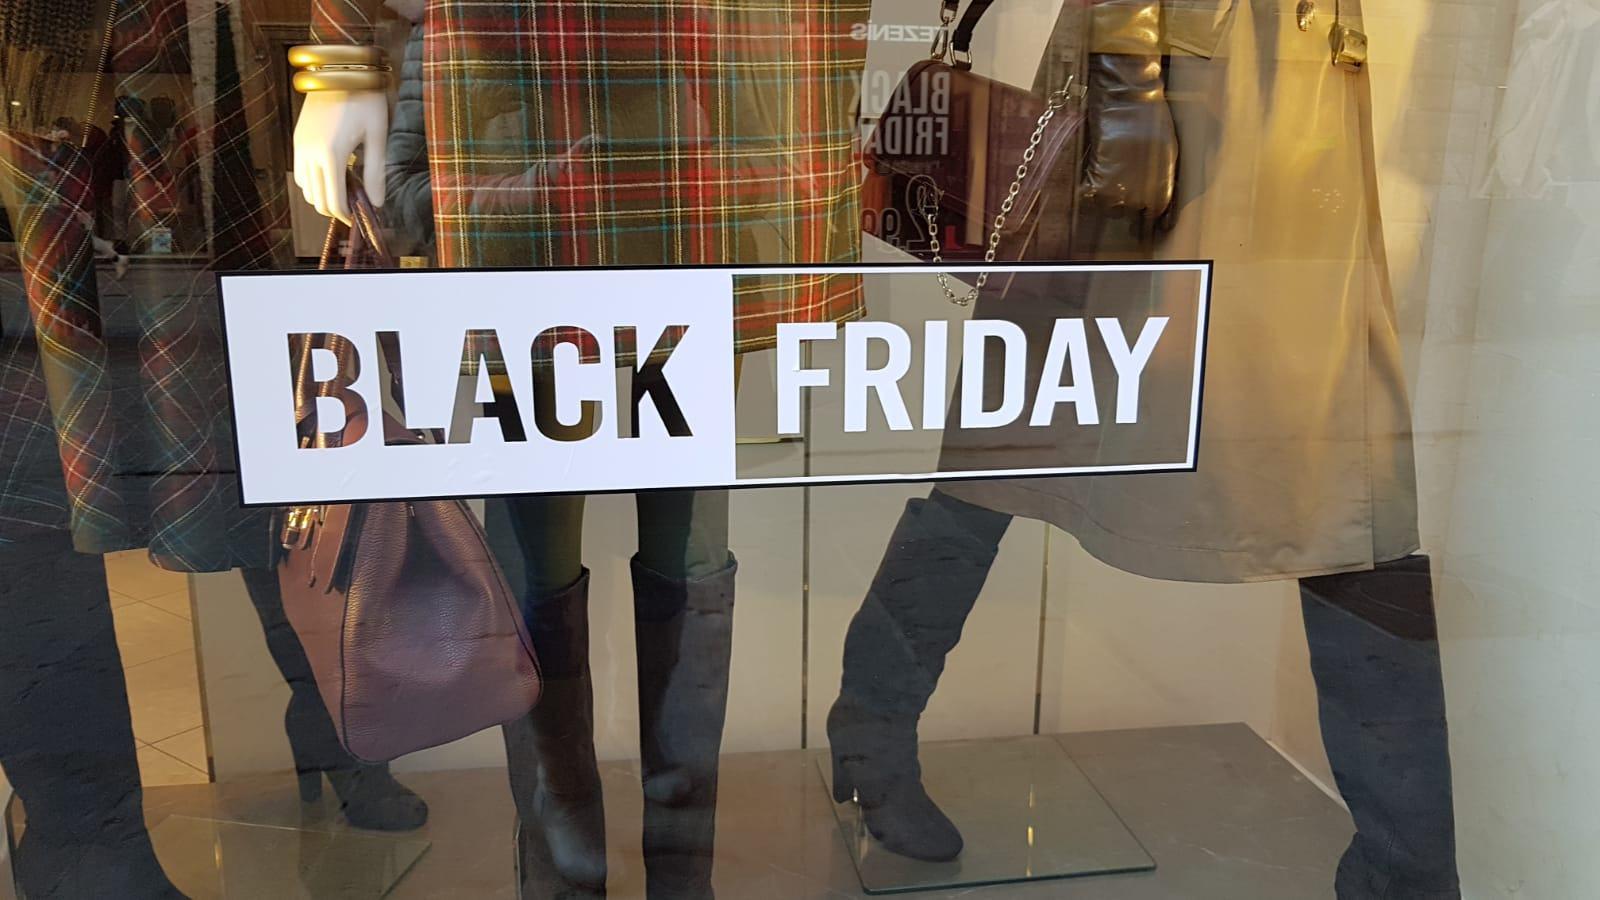 Coronavirus: Coldiretti, shopping per 1 italiano su 3 ma 28% rinuncia a Black Friday